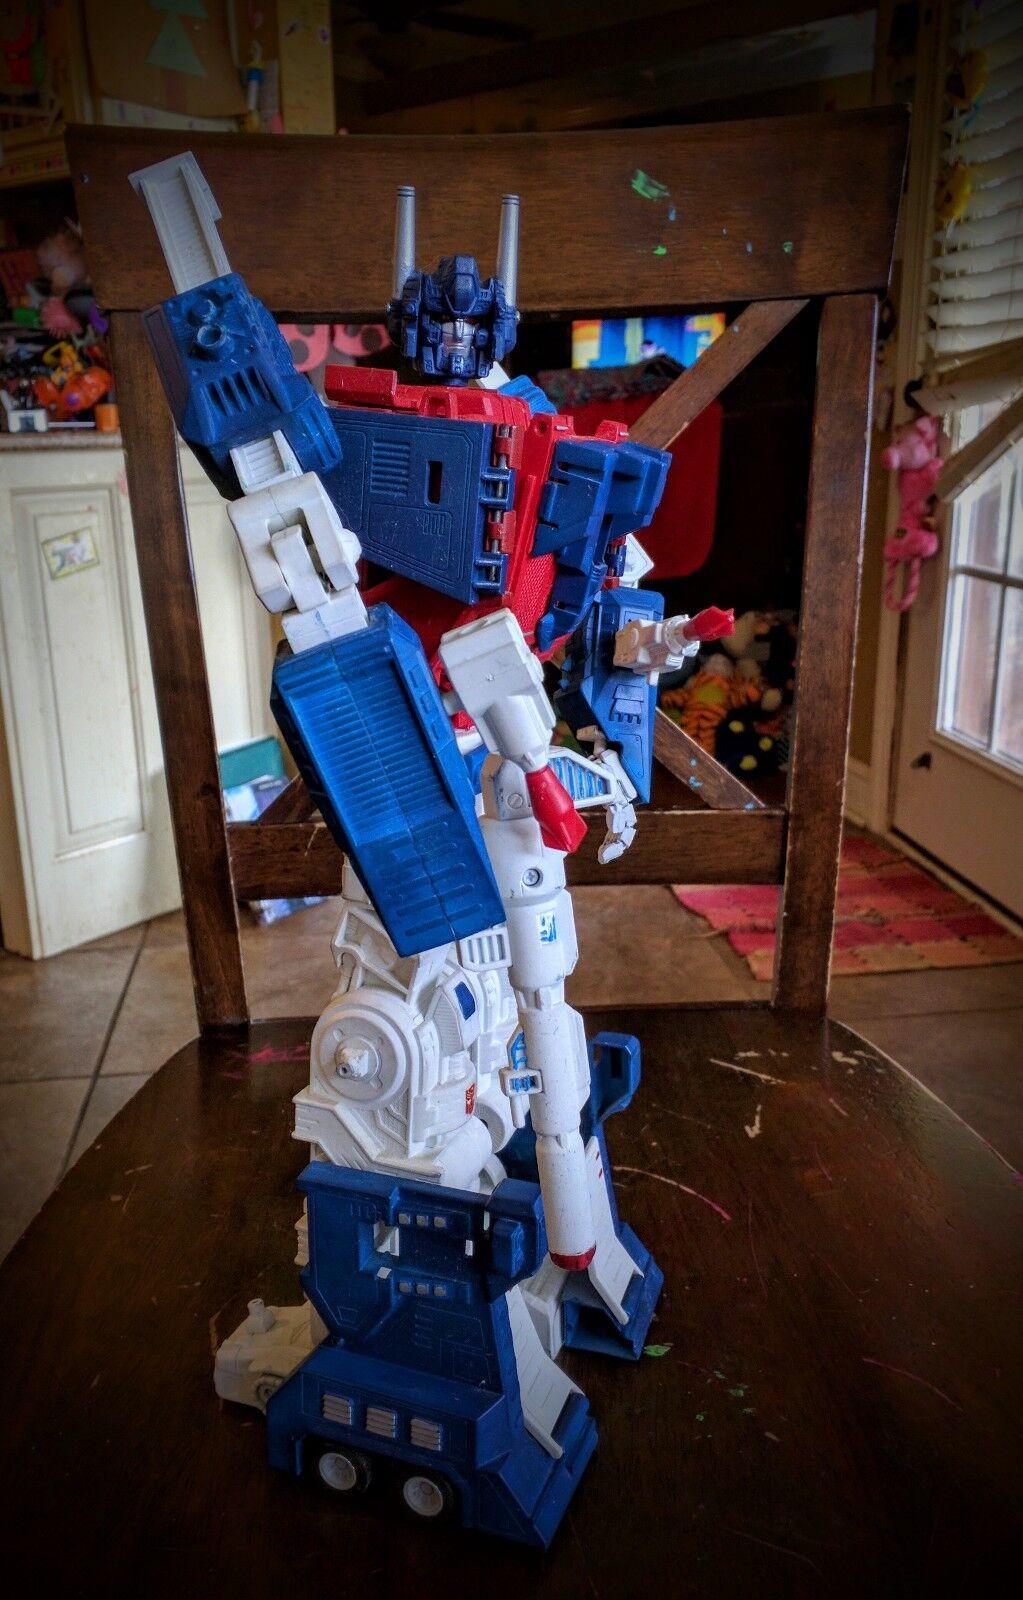 Obtén lo ultimo Personalizado Transformers-Personalizado Construido y pintado pintado pintado Ultra Magnus A 16 pulgadas  elige tu favorito